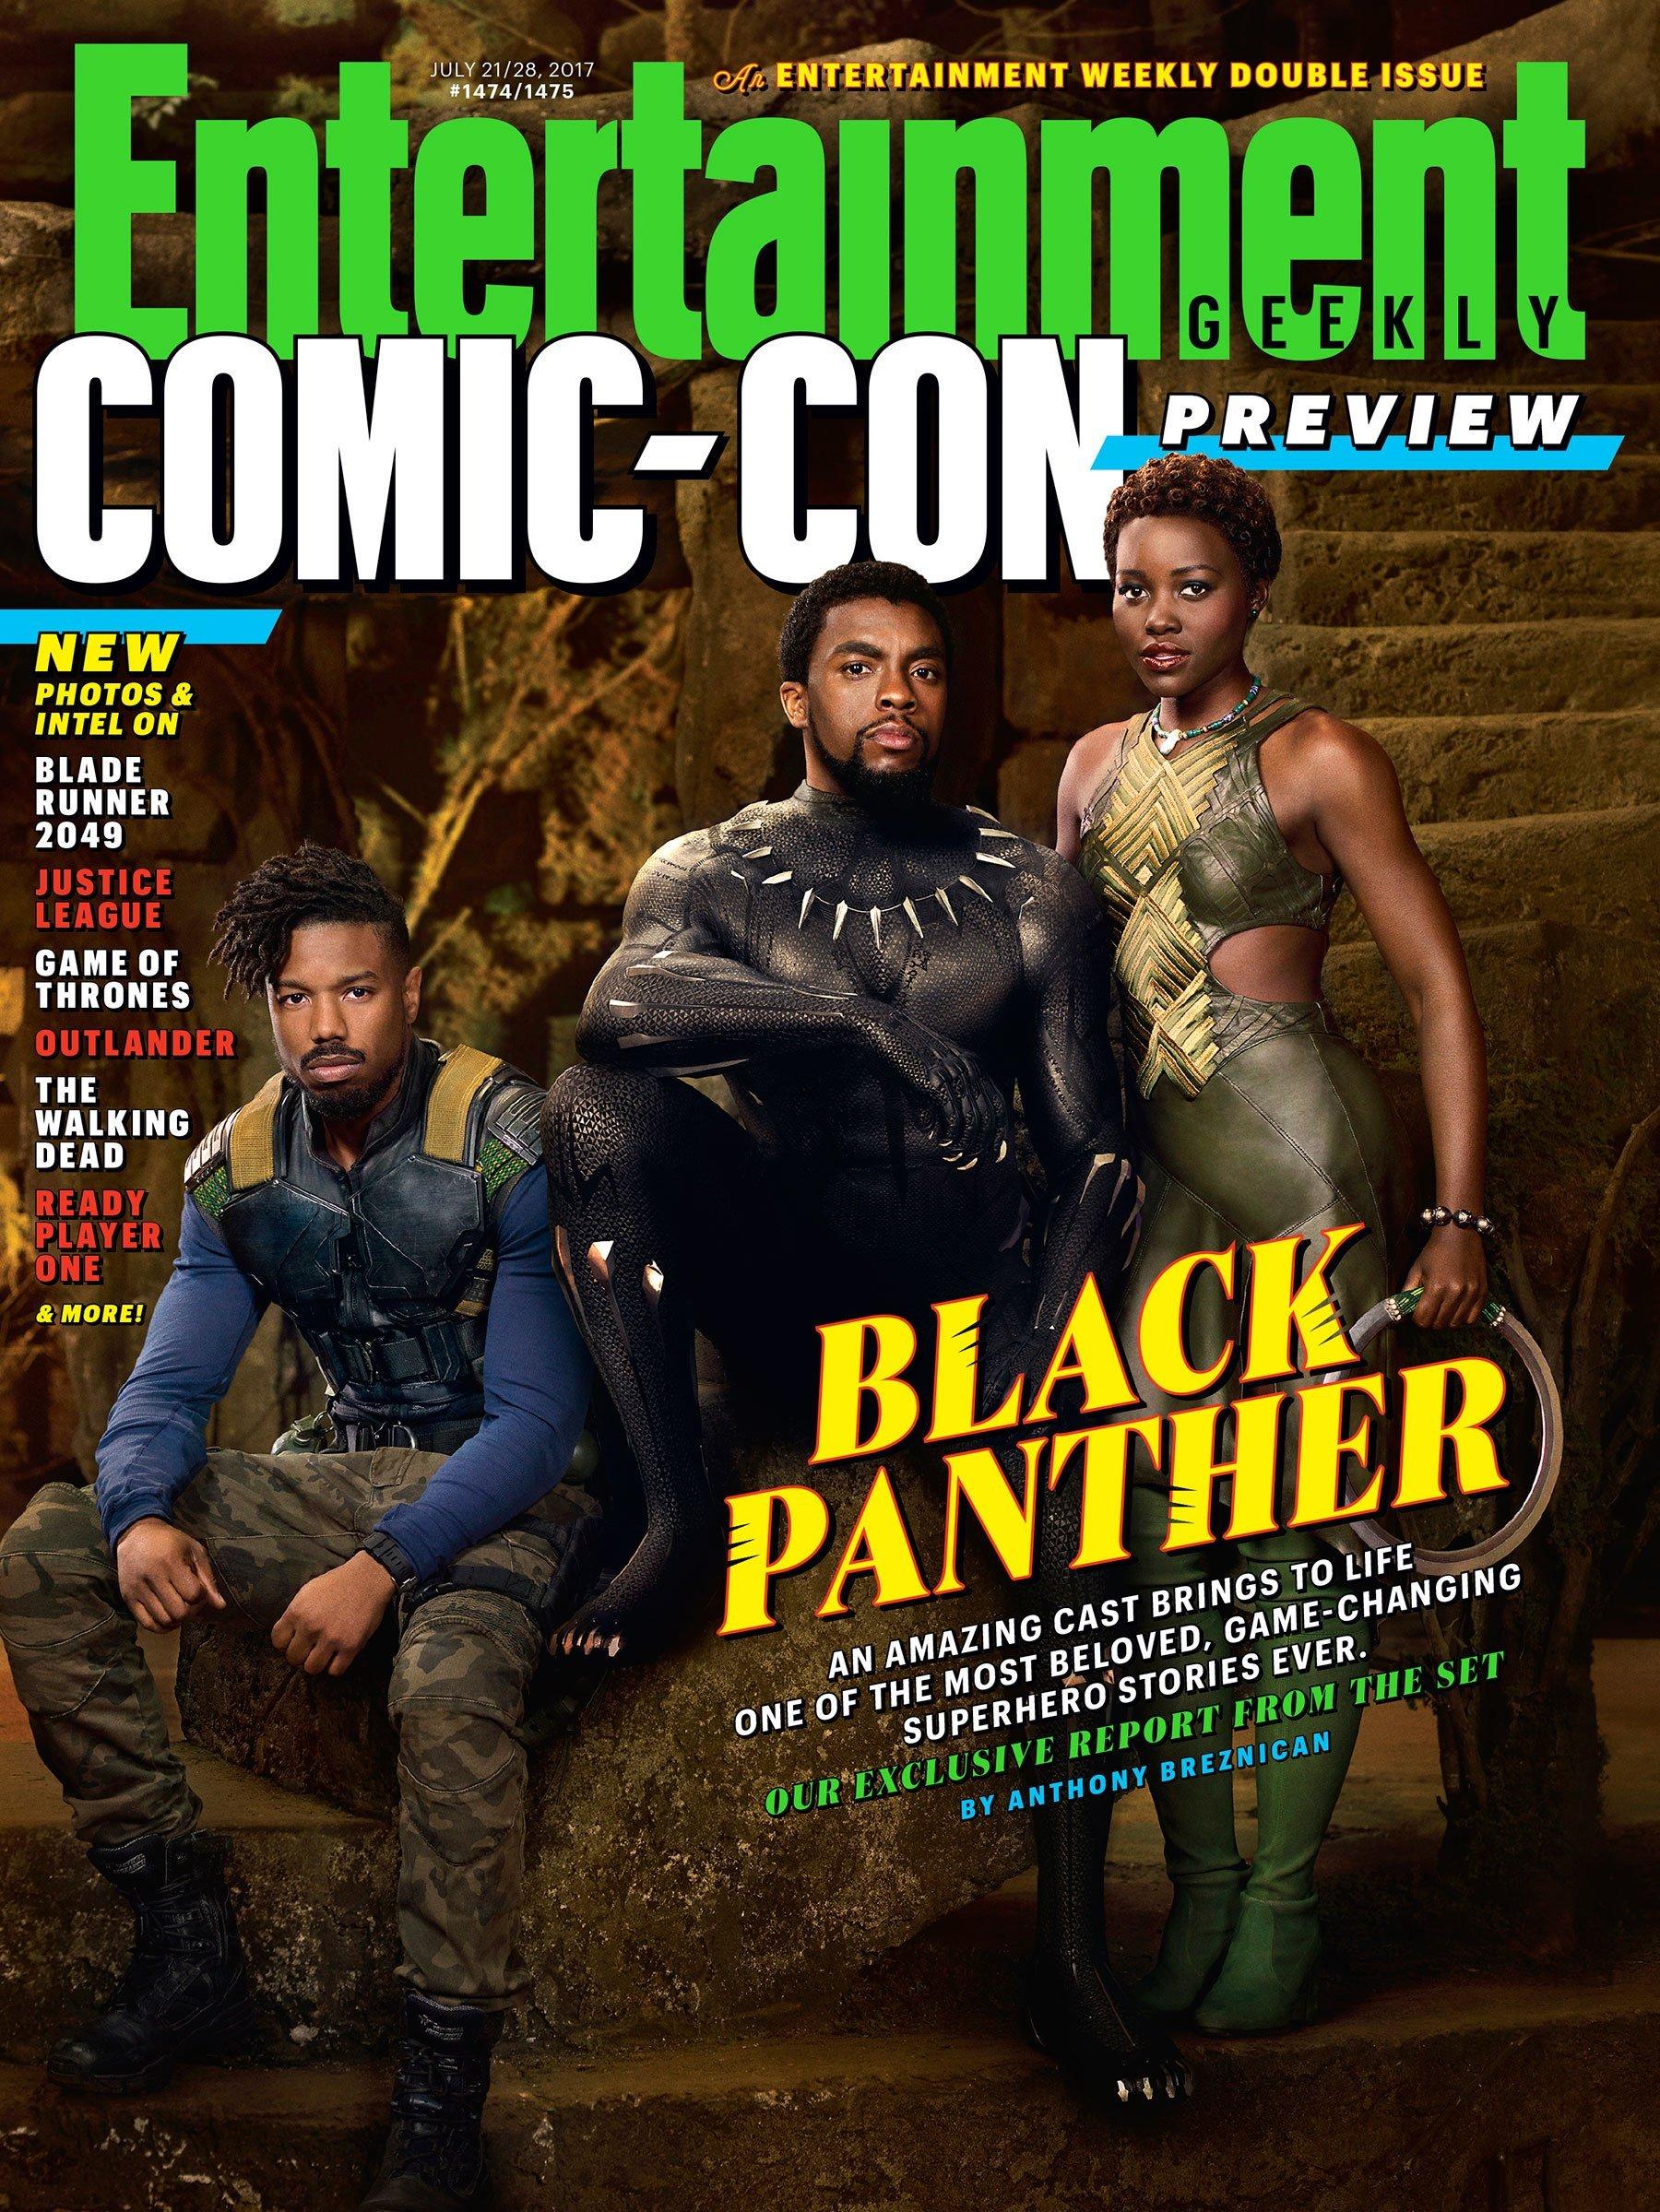 Czarna Pantera - okładka Entertainment Weekly